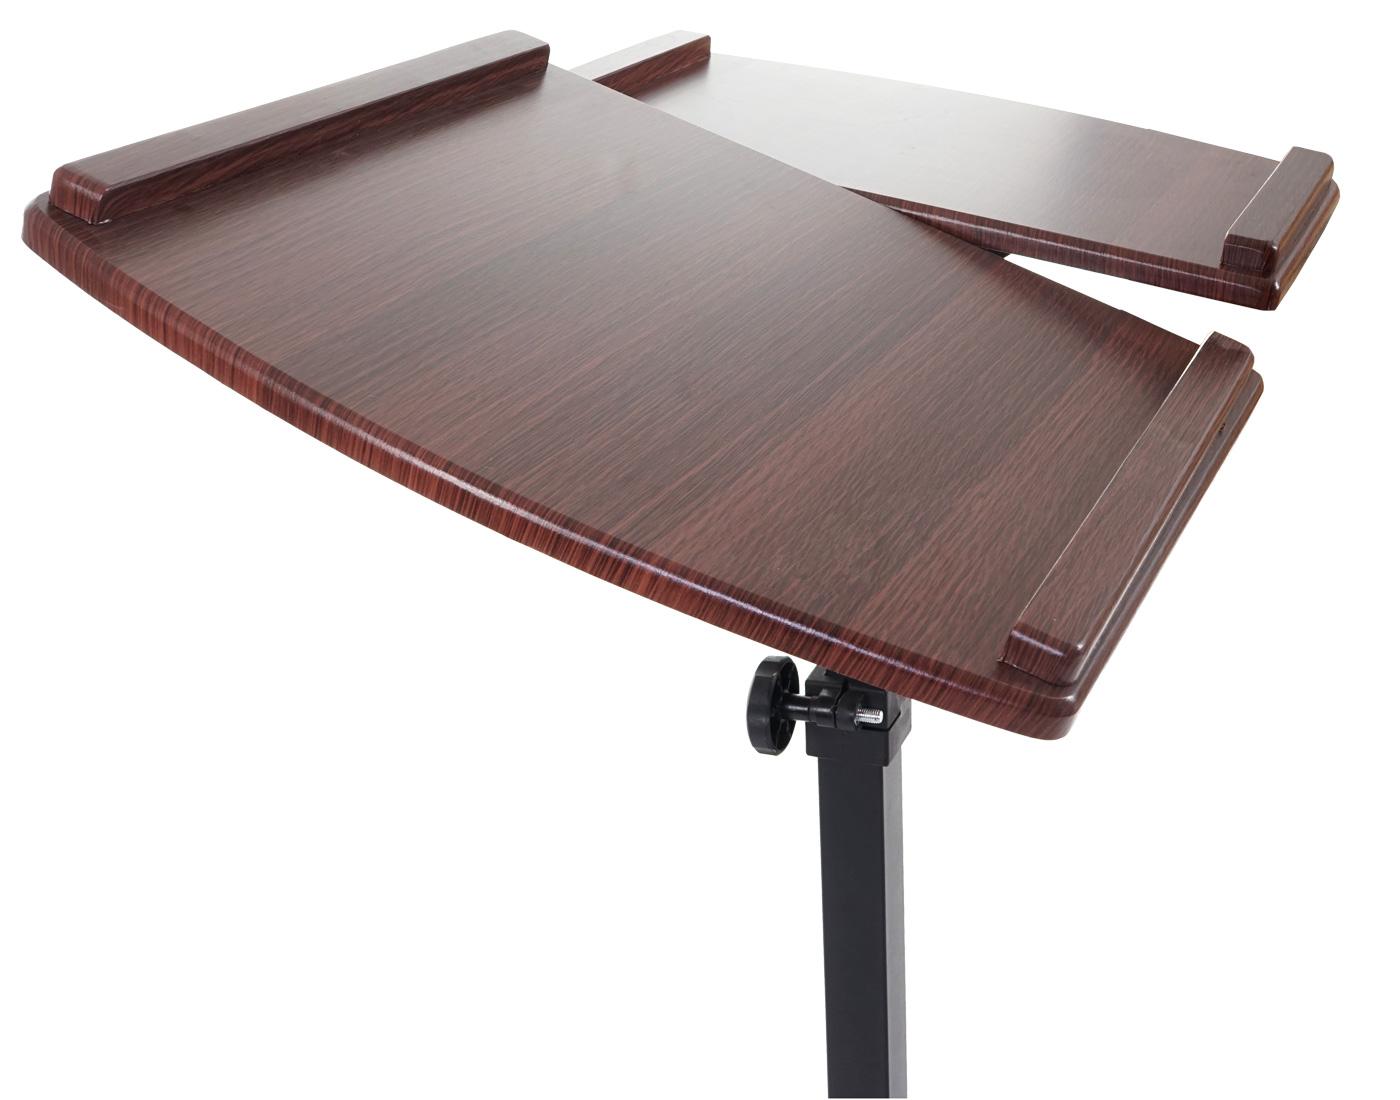 pupitre pr ordinateur portable lancester desserte. Black Bedroom Furniture Sets. Home Design Ideas